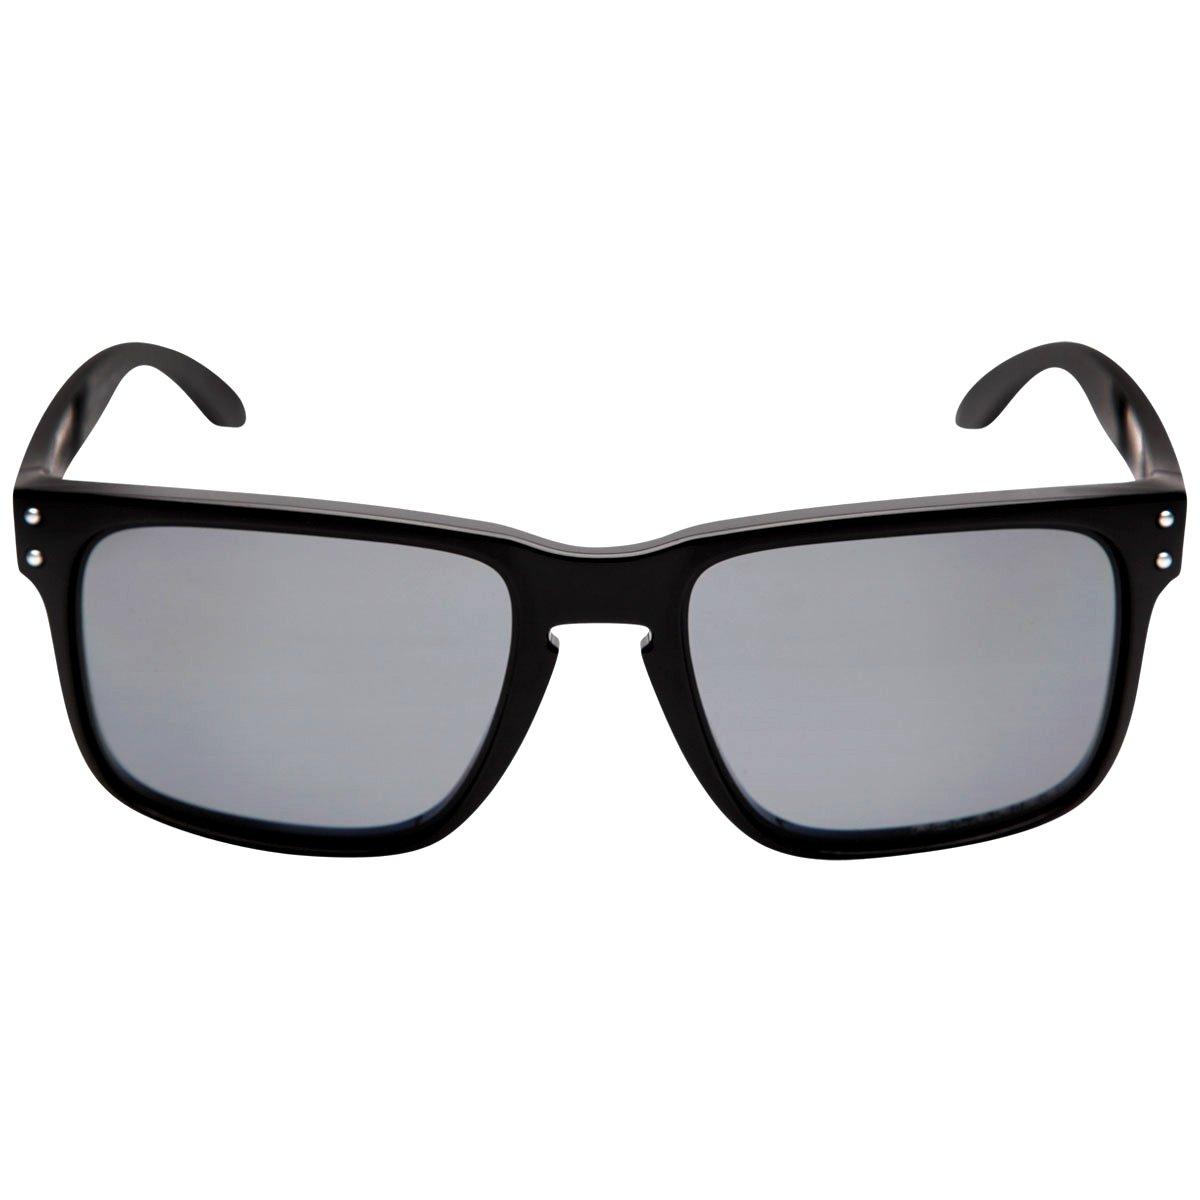 Óculos de Sol Oakley Holbrook Masculino - Preto - Compre Agora ... 68d4f45542